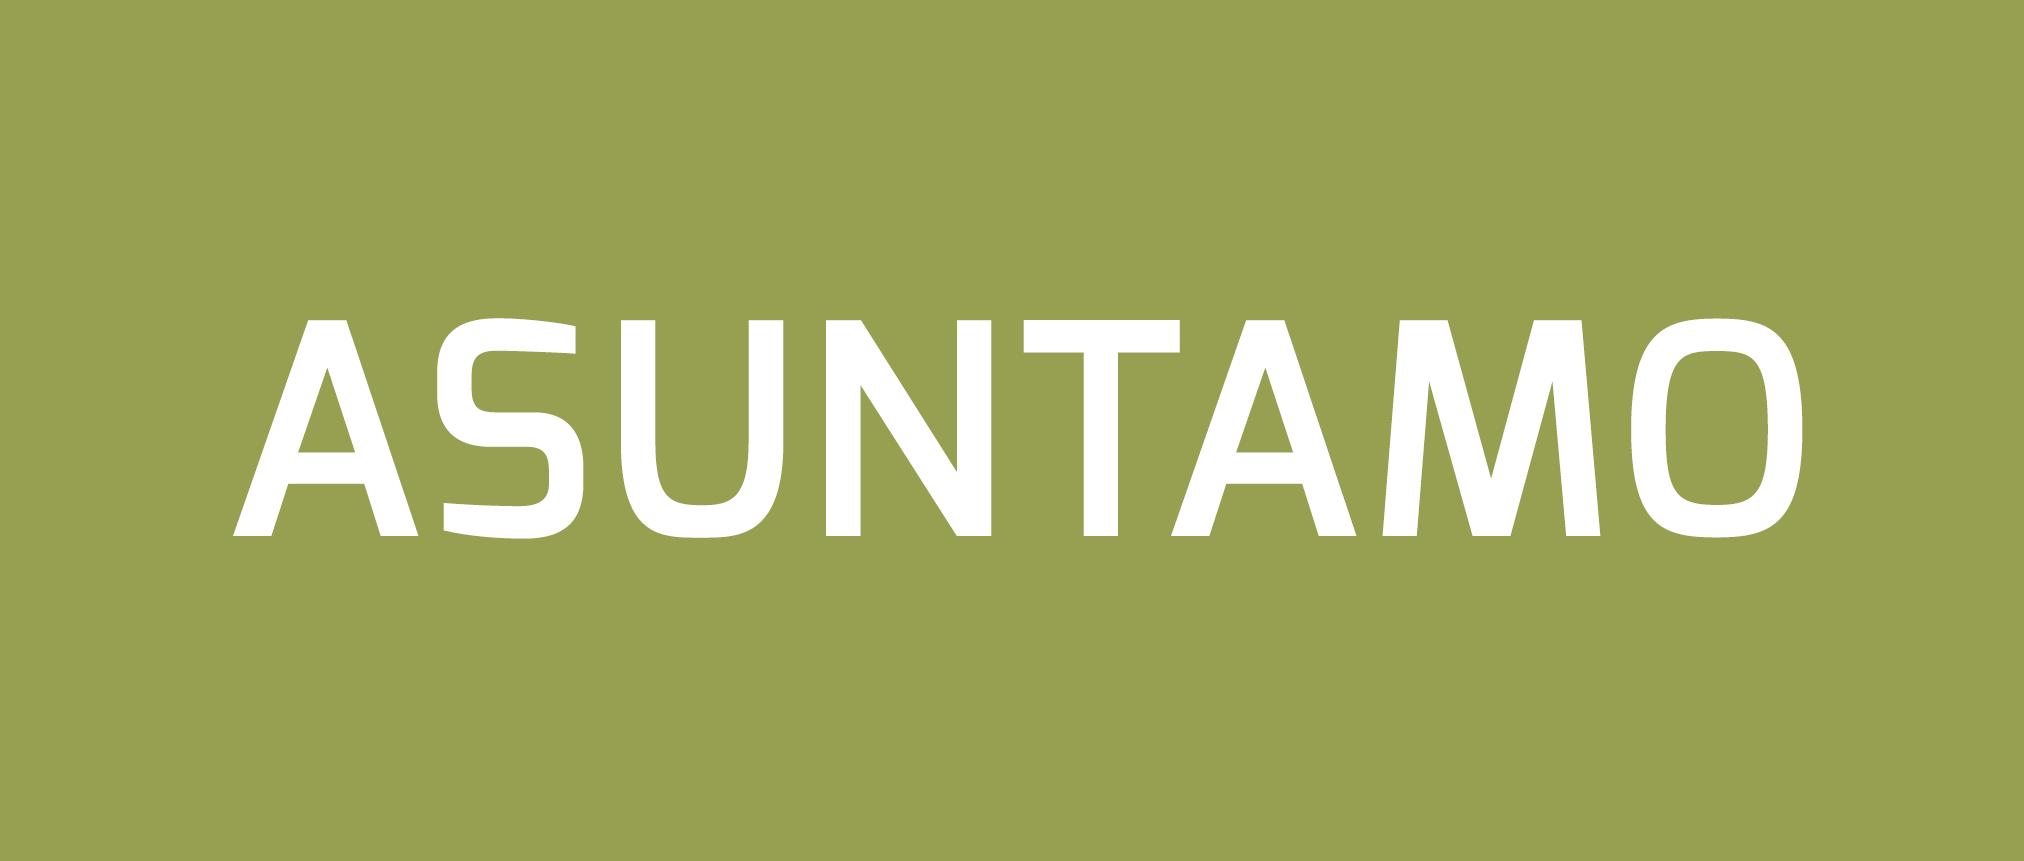 Asuntamo Oy logo